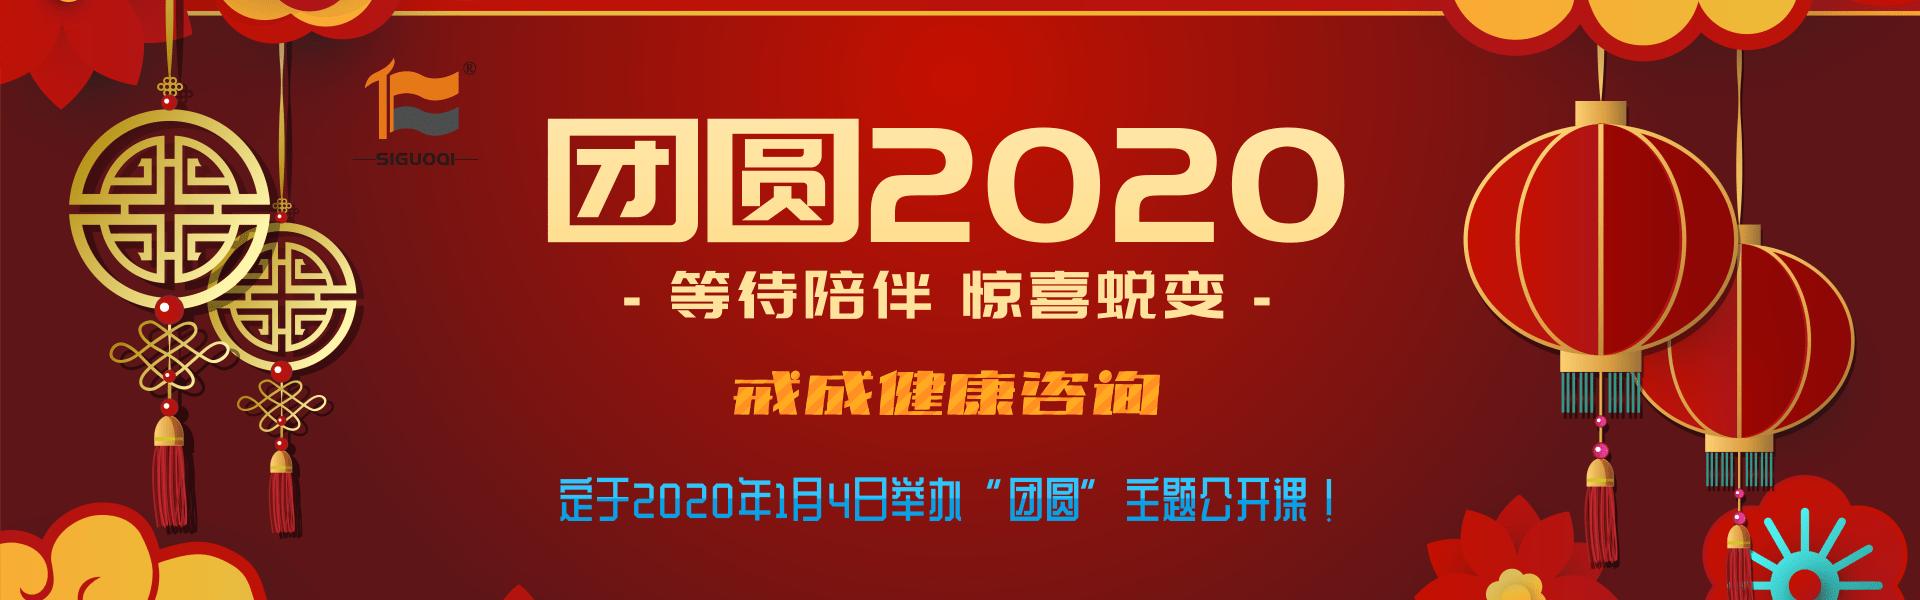 《团圆2020》戒成健康咨询家庭公开课 —团圆主题活动